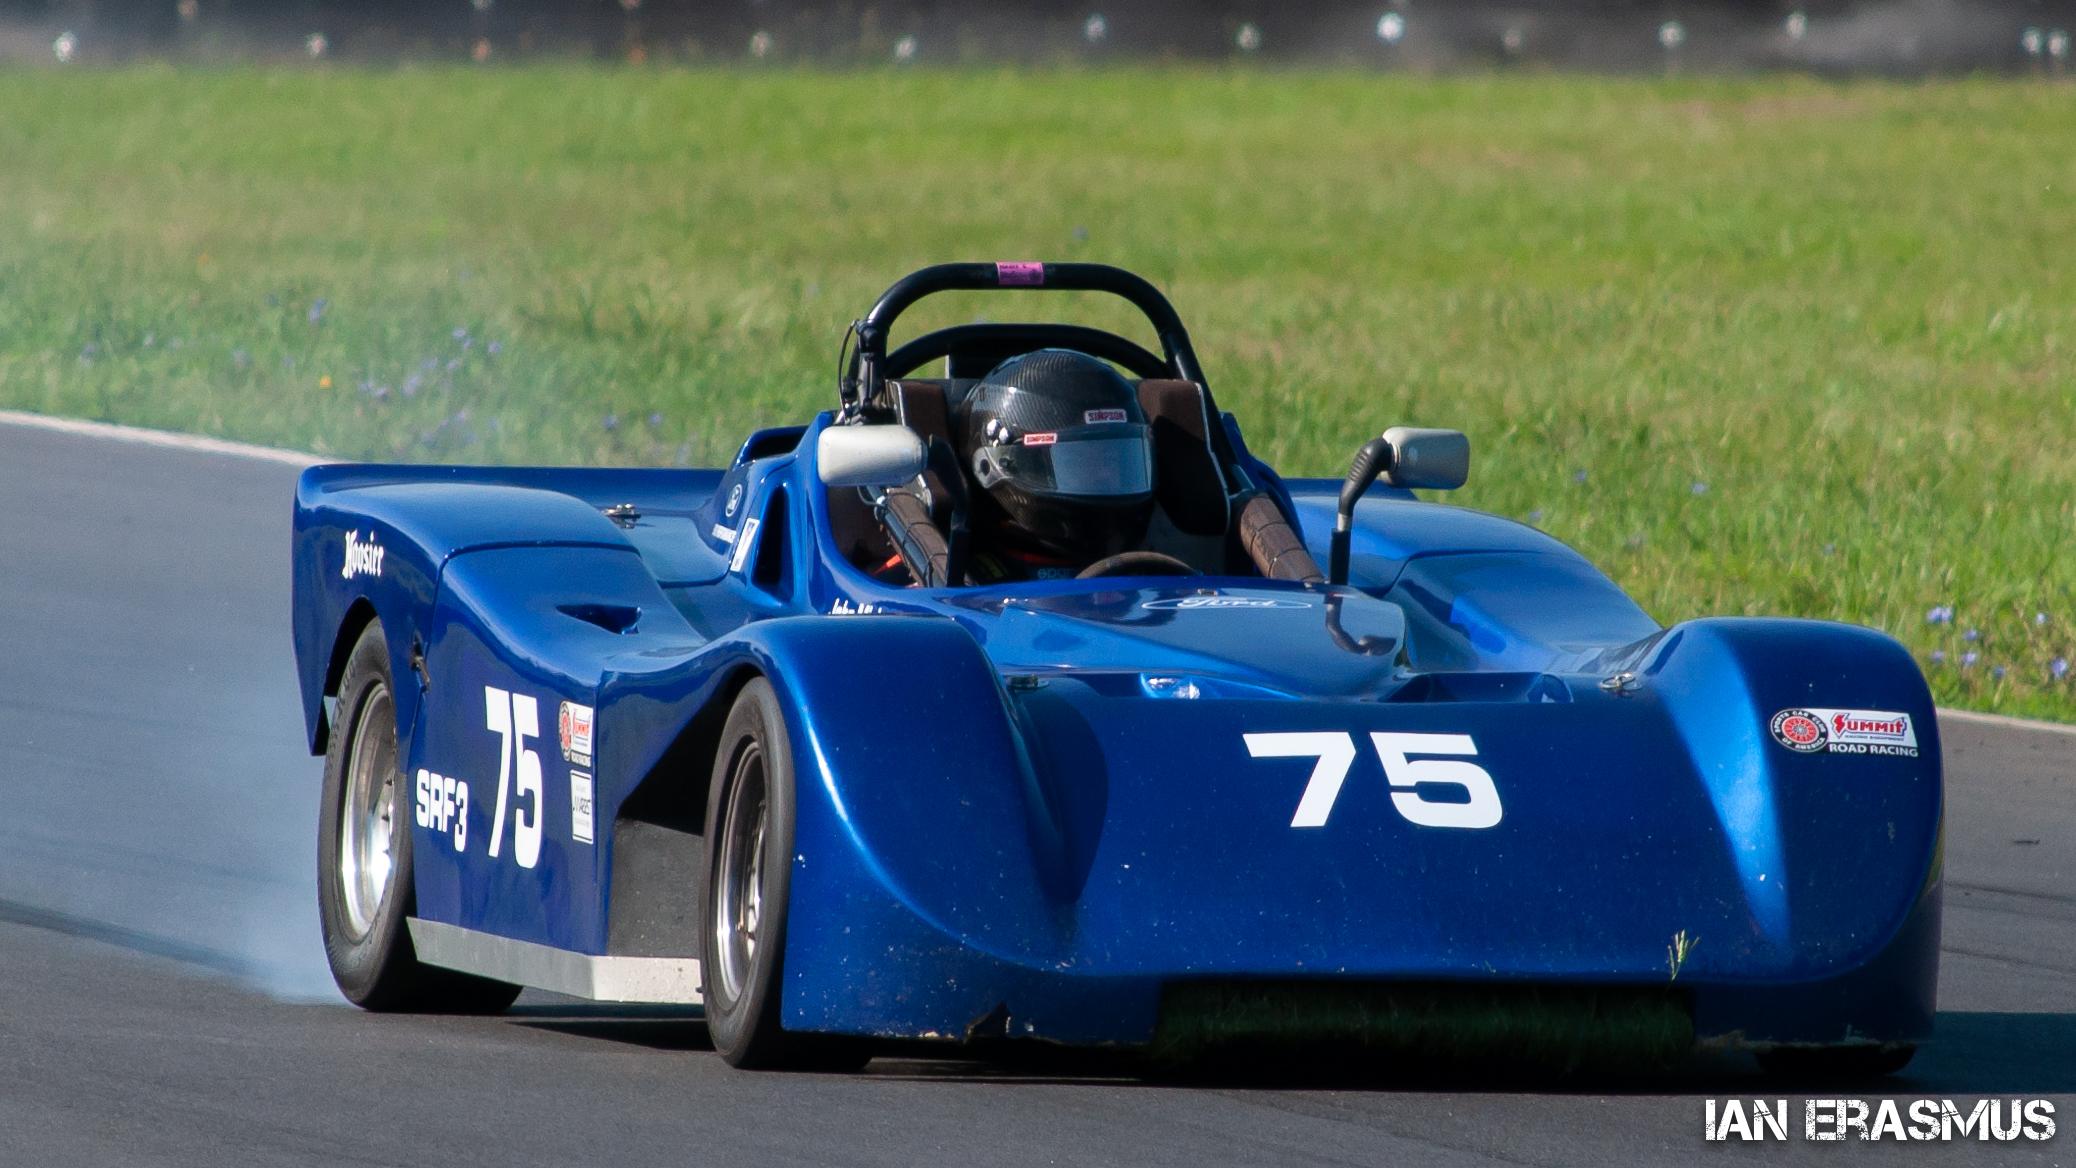 #75 John Mielo SRF